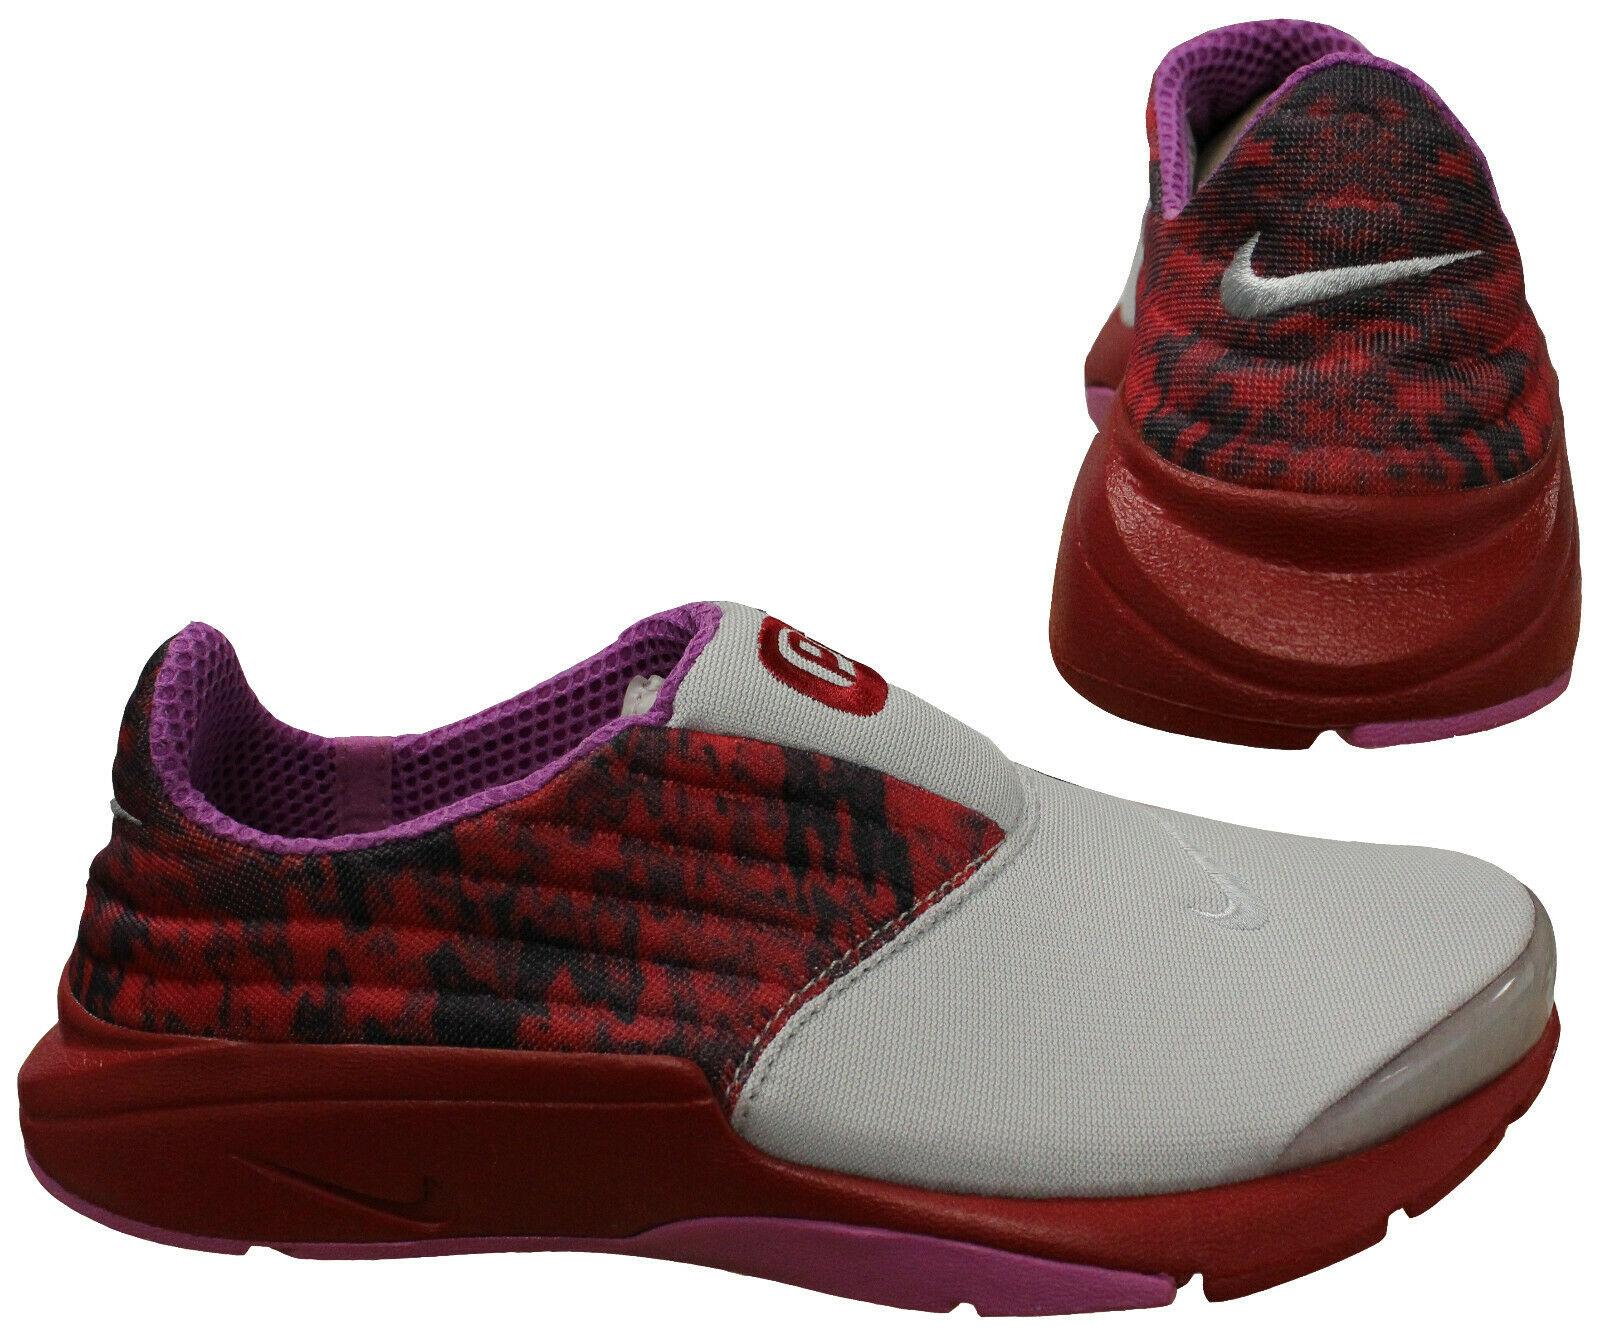 Nike Air Presto Chanjo 2001 Slip On